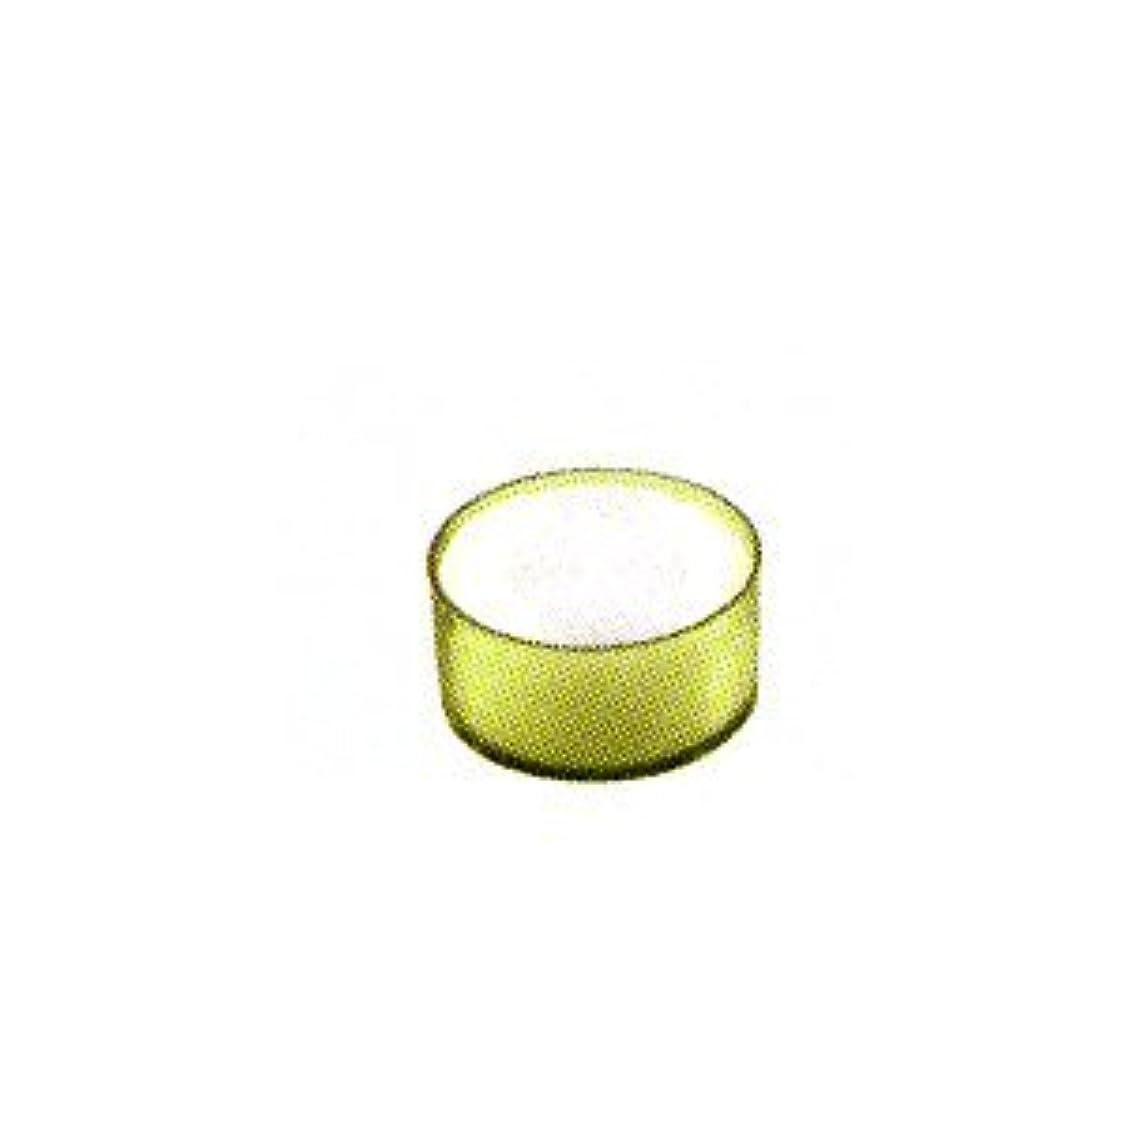 アーサーコナンドイル投げ捨てる支給カメヤマキャンドル カラークリアカップ ティーライト グリーン 24個入